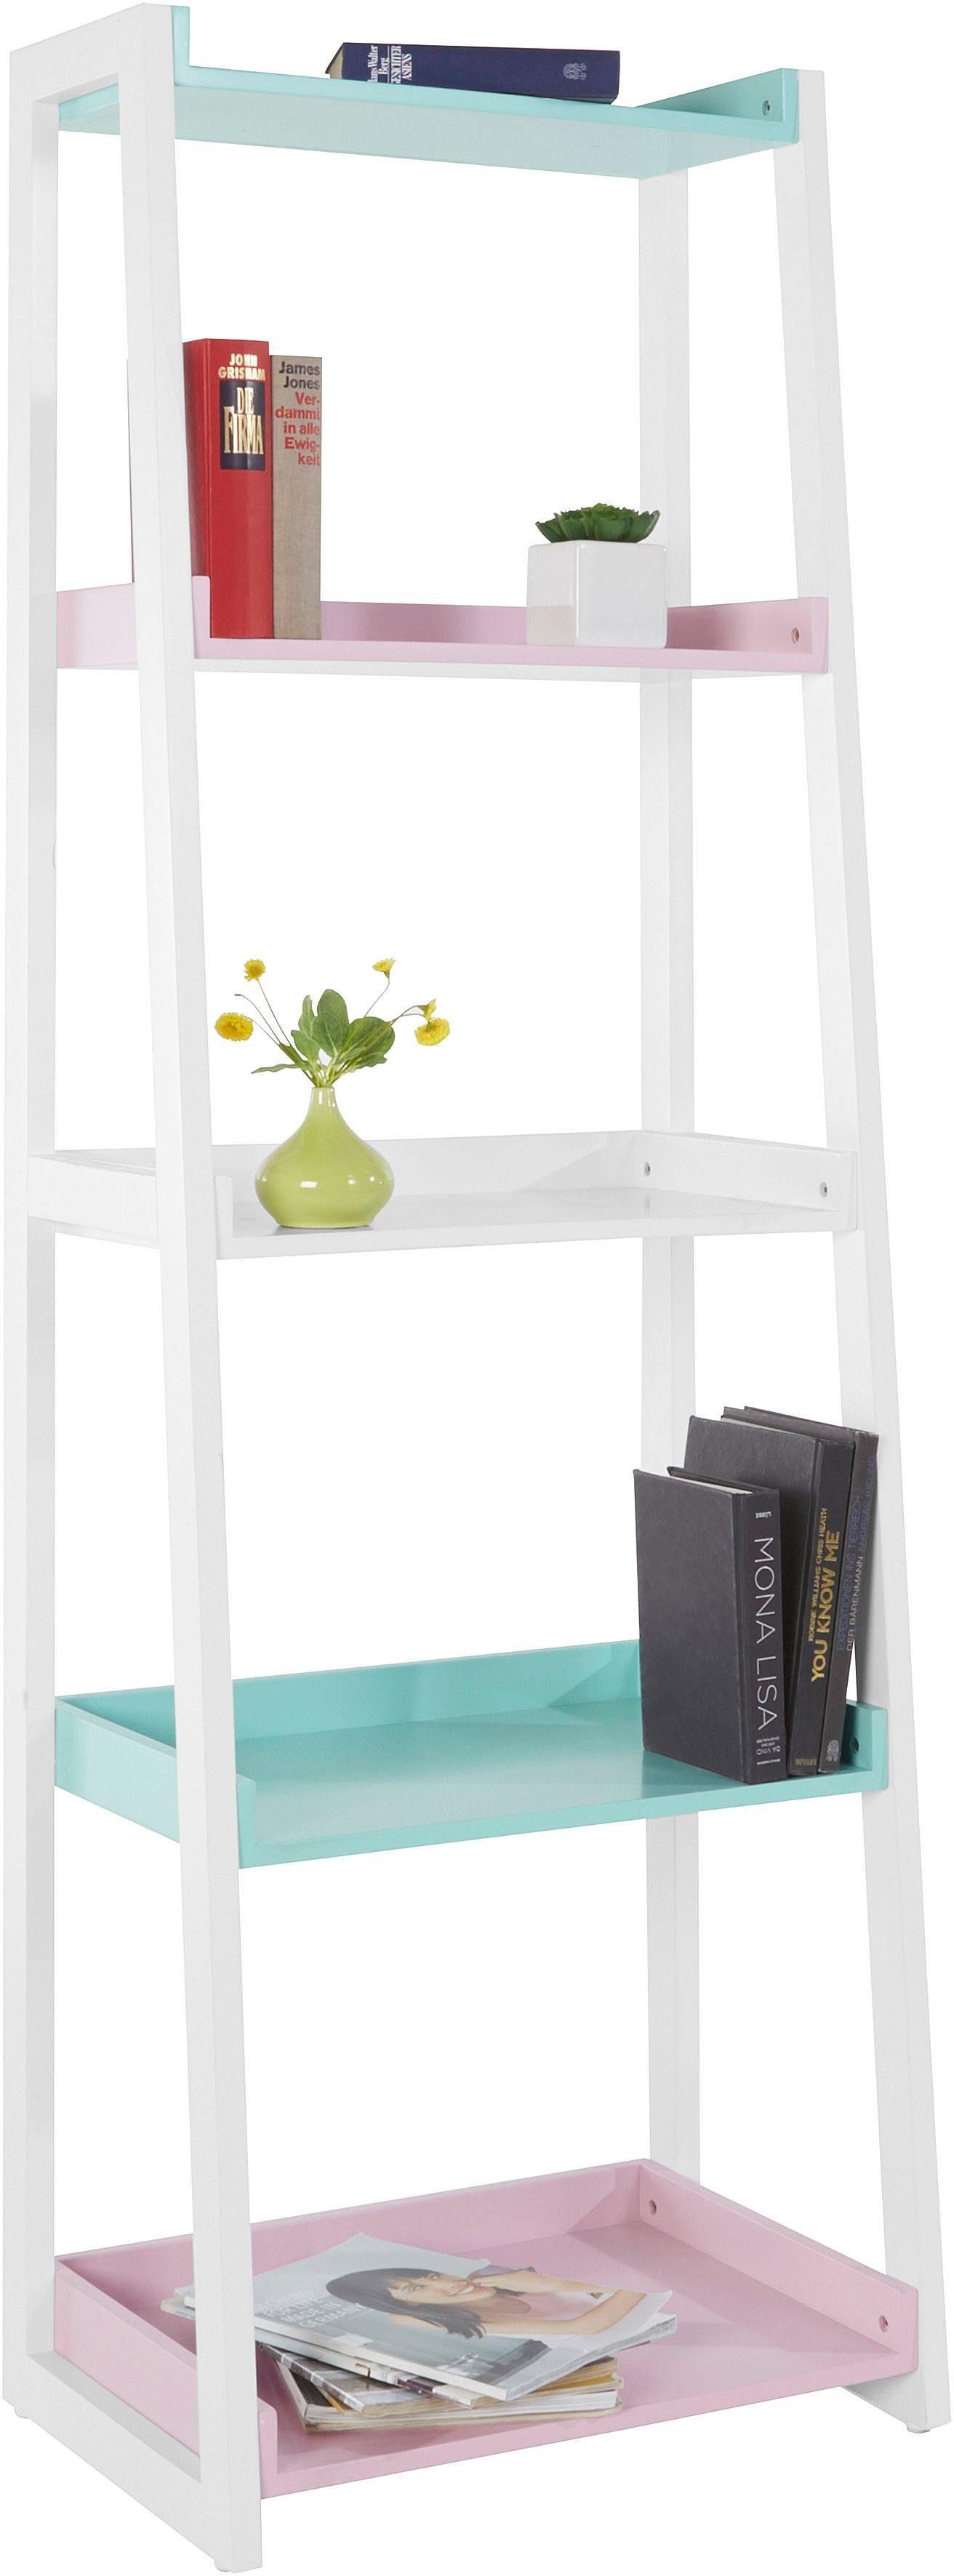 Home affaire Regal in Pastellfarben, Höhe 180 cm